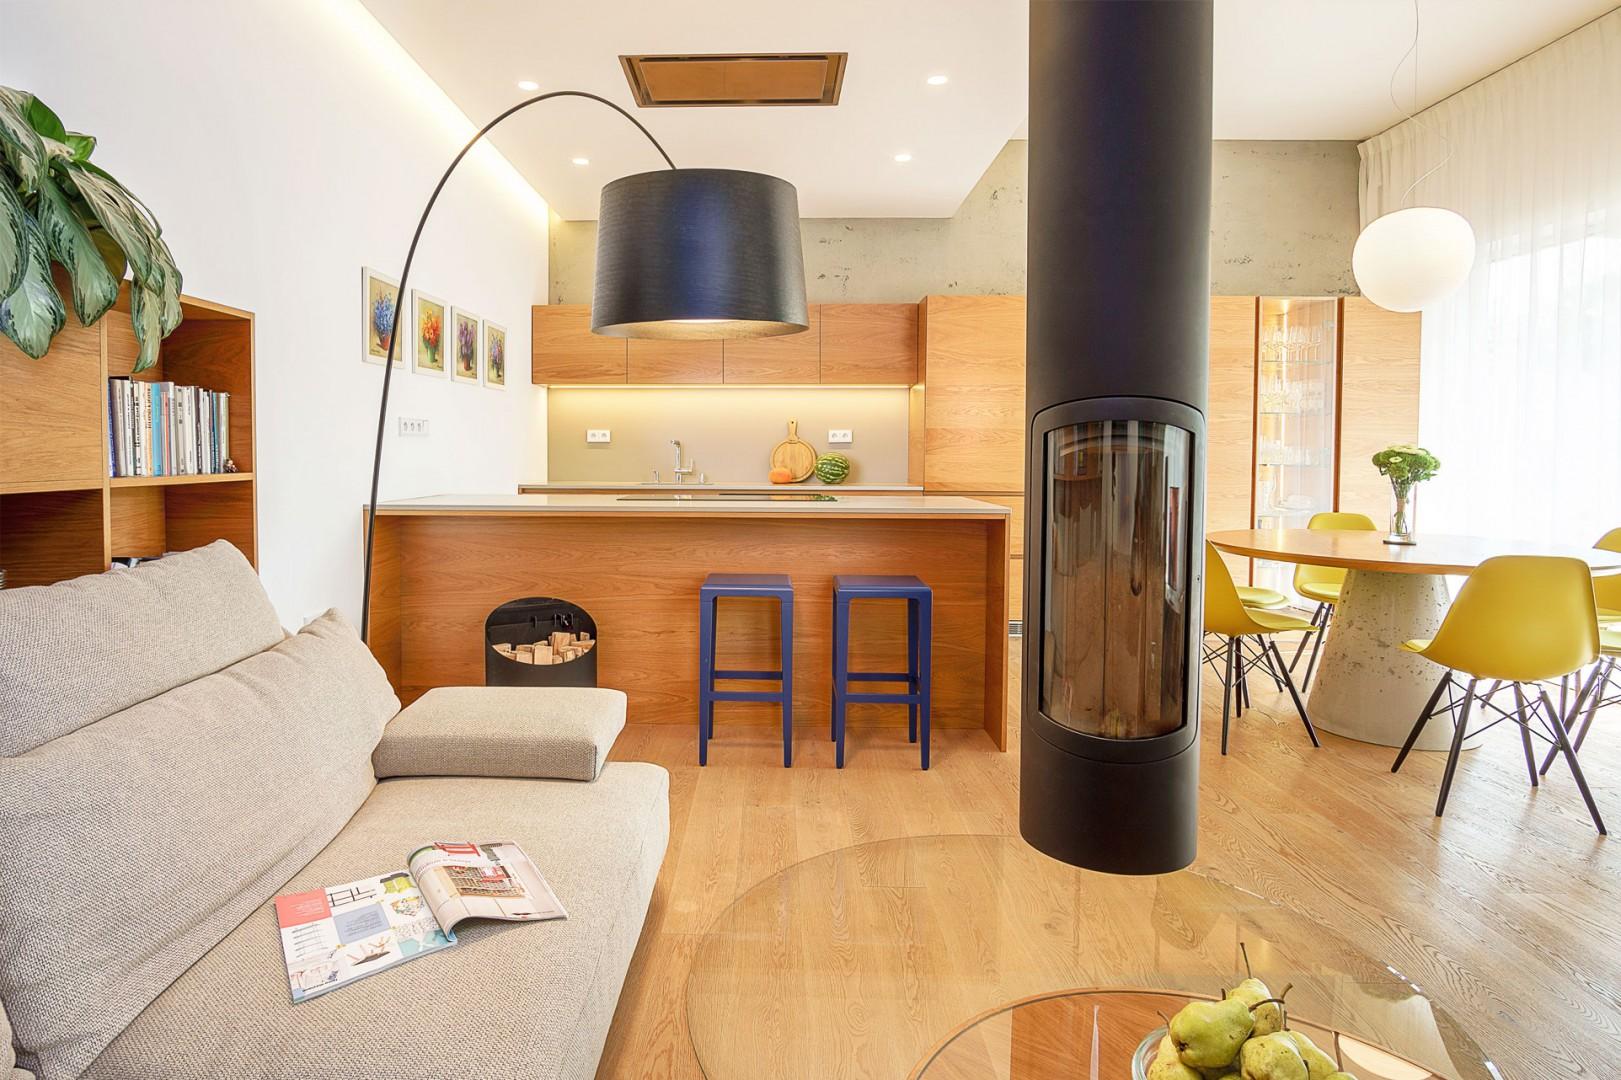 realizacia interieru rodinneho domu - vyroba kuchyne a nabytku na mieru